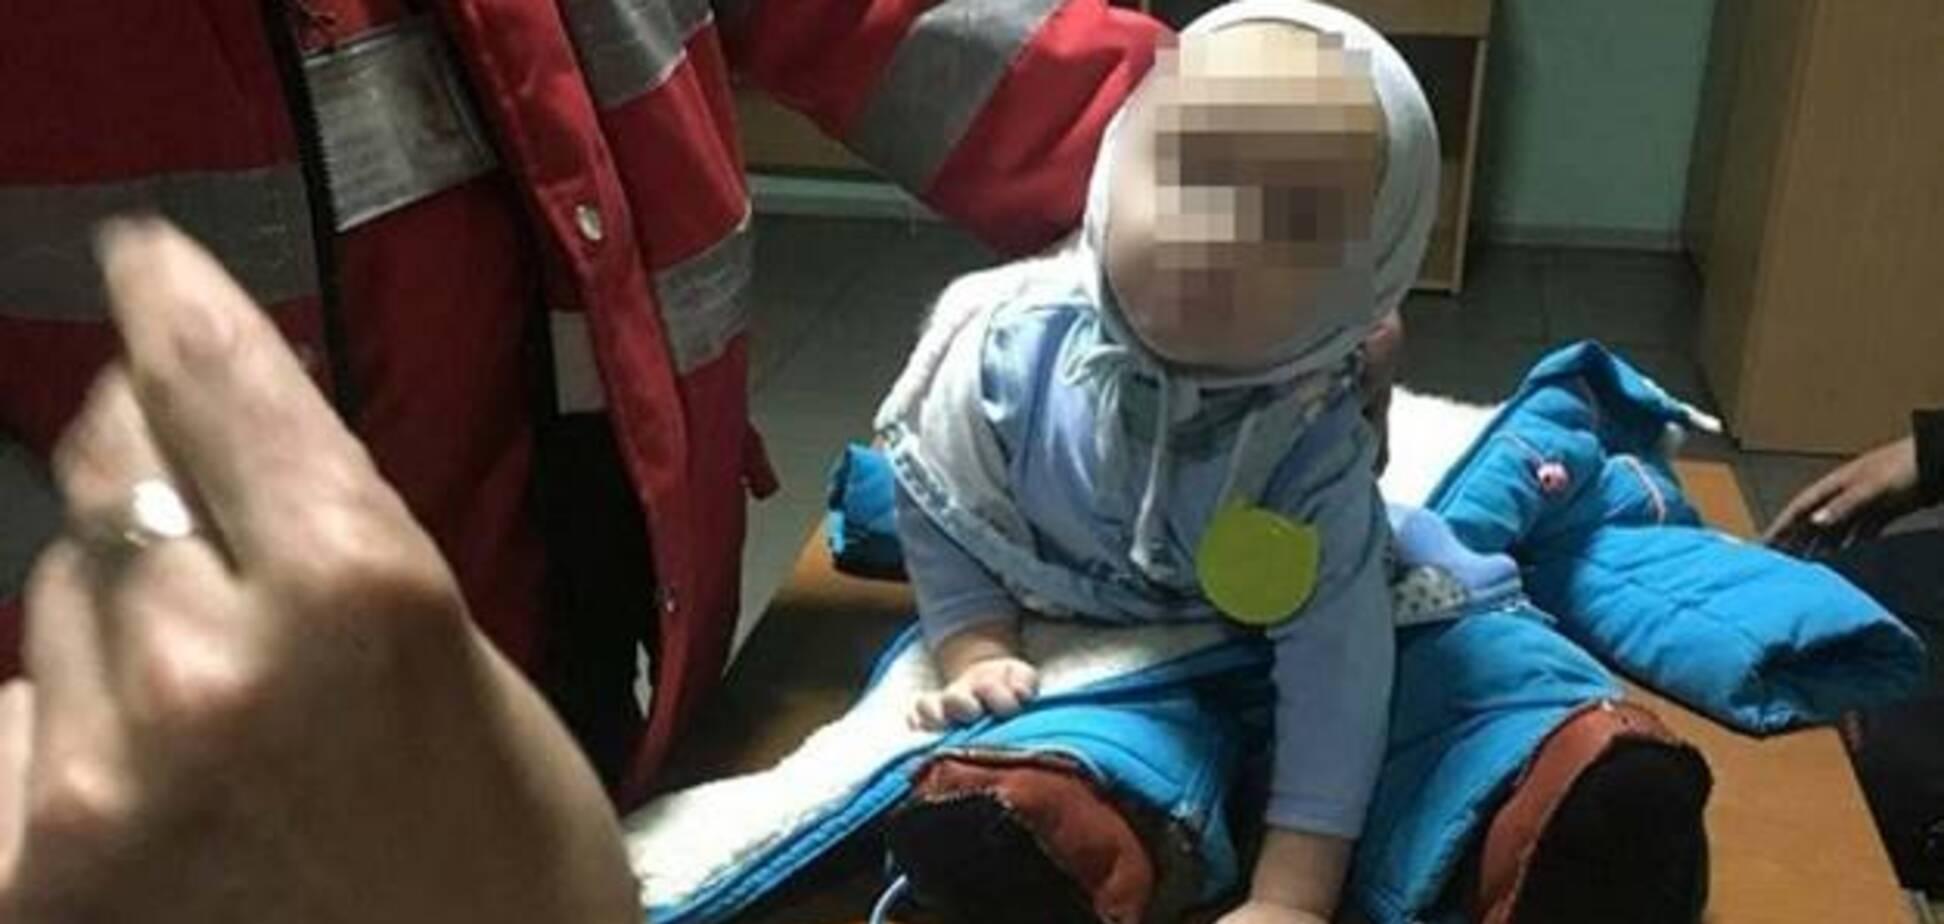 'Ребенок мешал': в Киеве мать бросила 9-месячного сына на вокзале